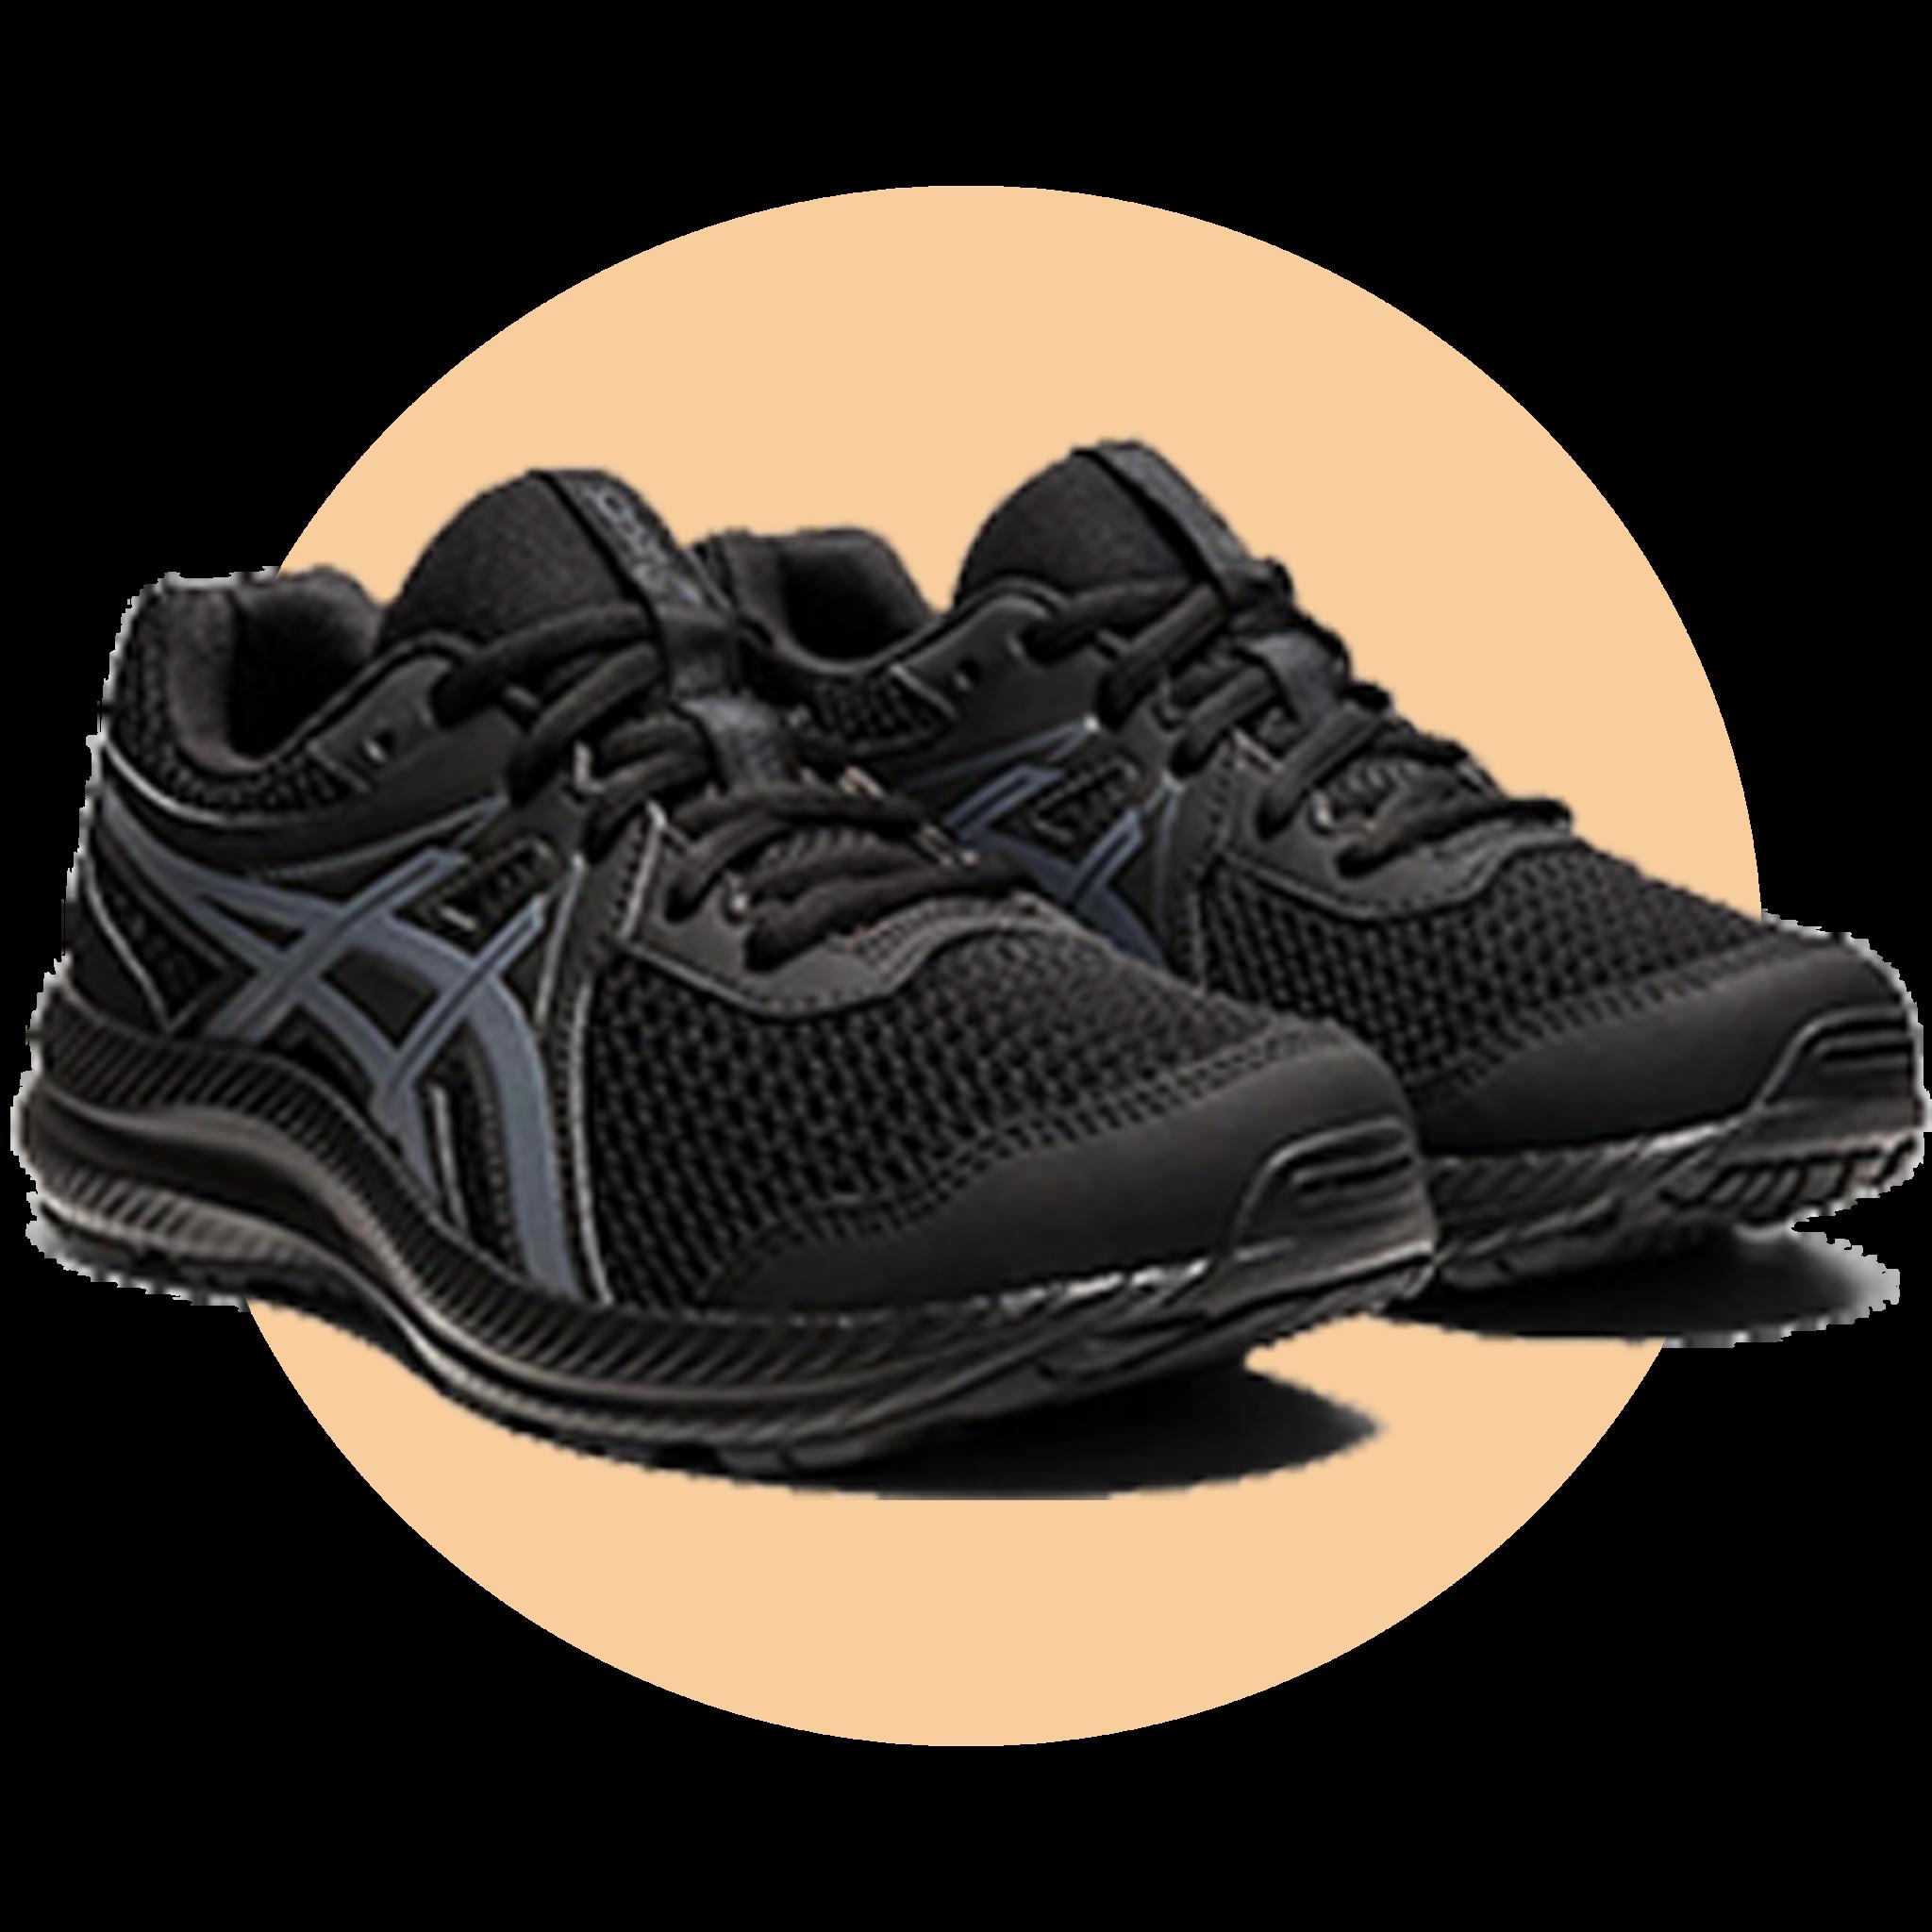 Ascis School Shoes -$59